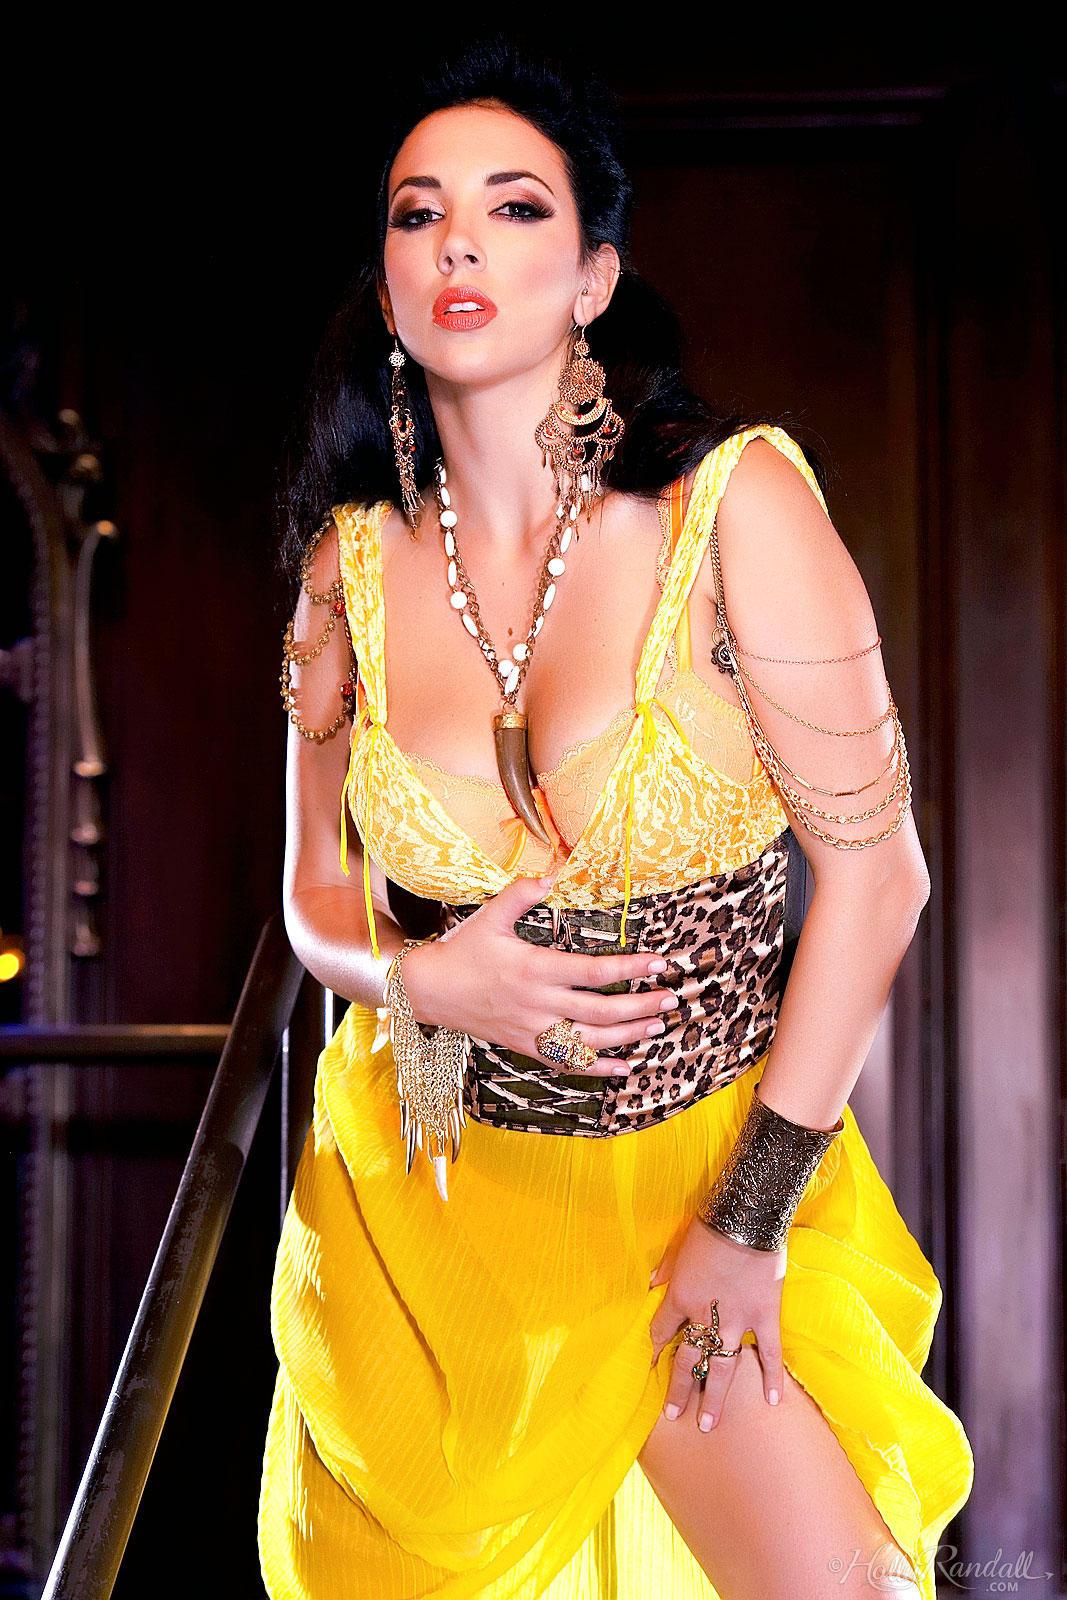 Jelena Jensen muestra su conchita en el escenario